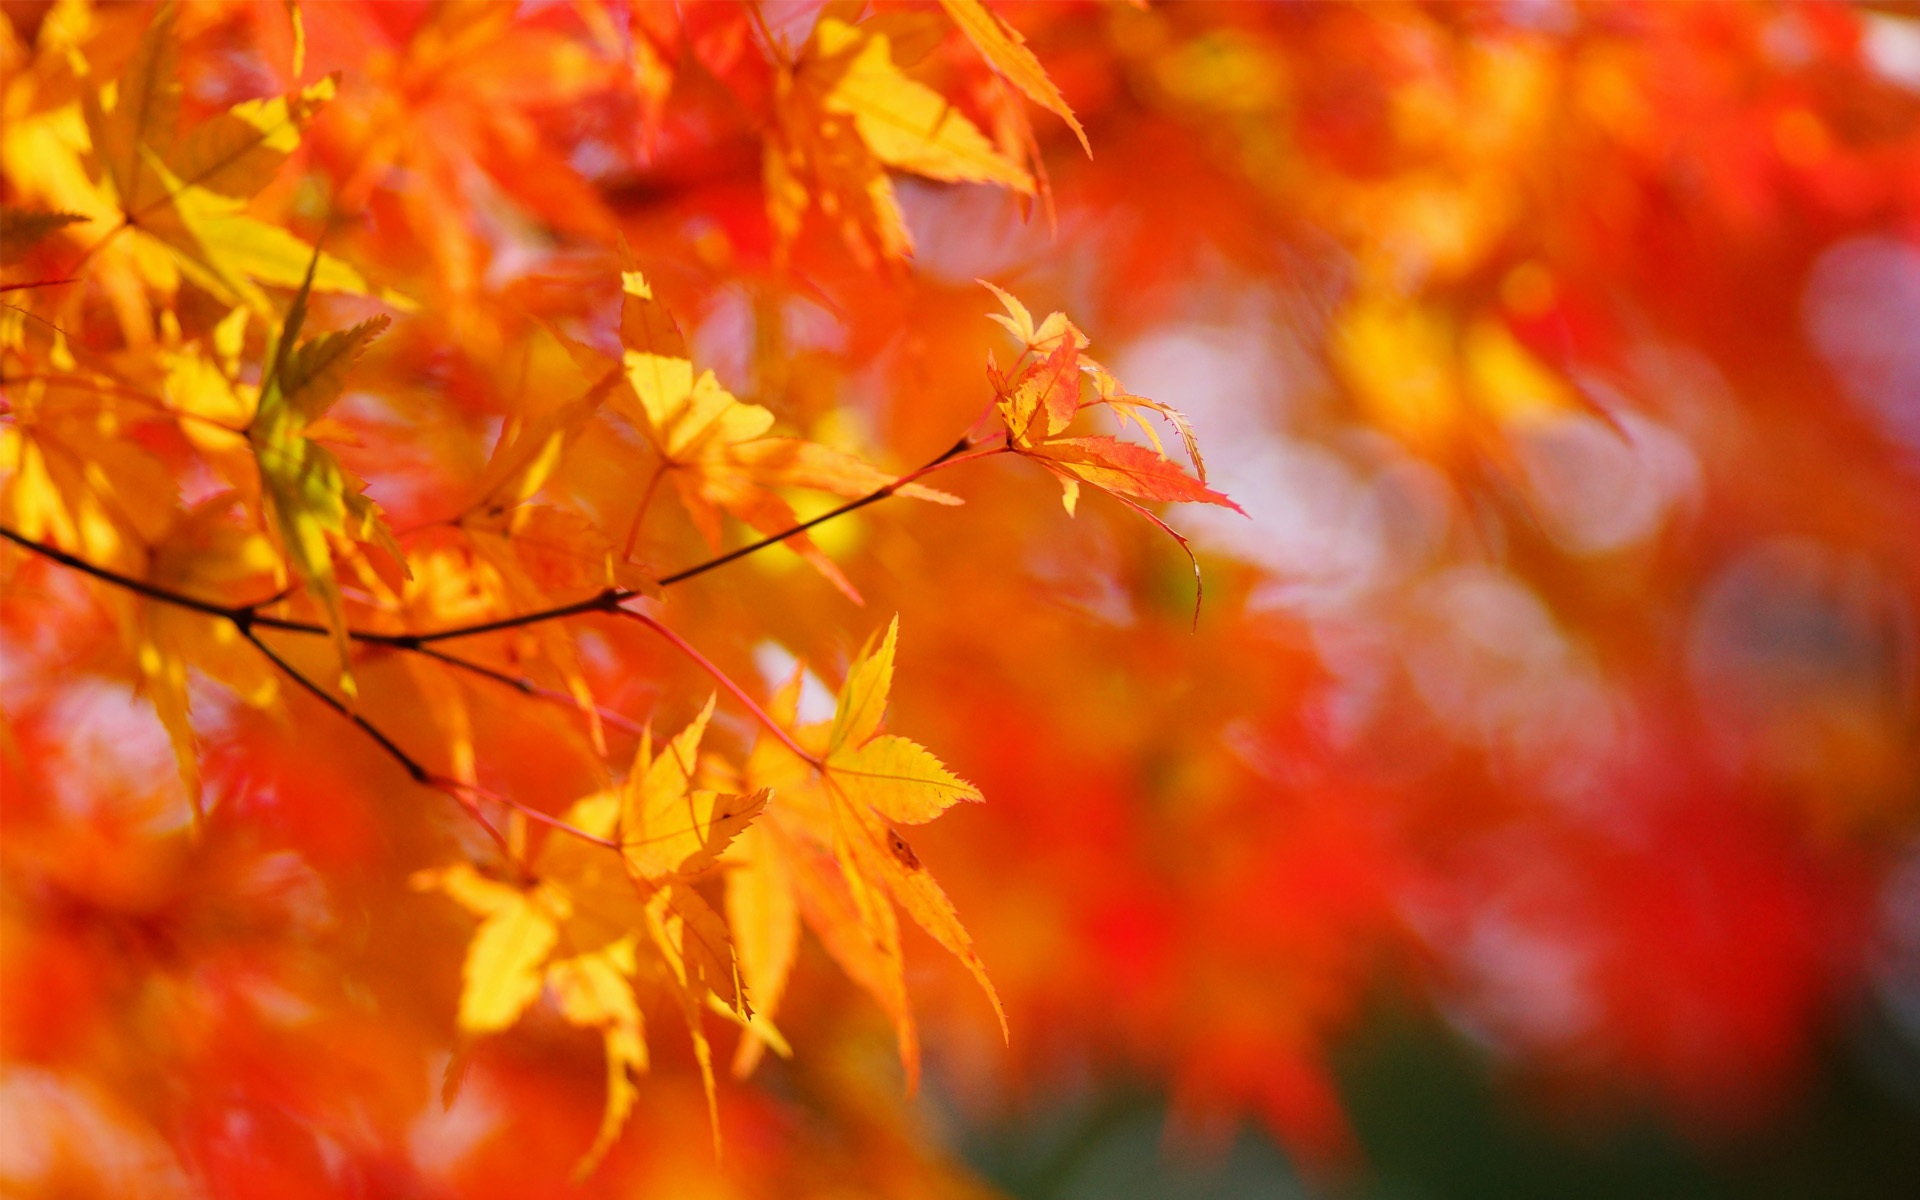 осень листья дерево autumn leaves tree скачать